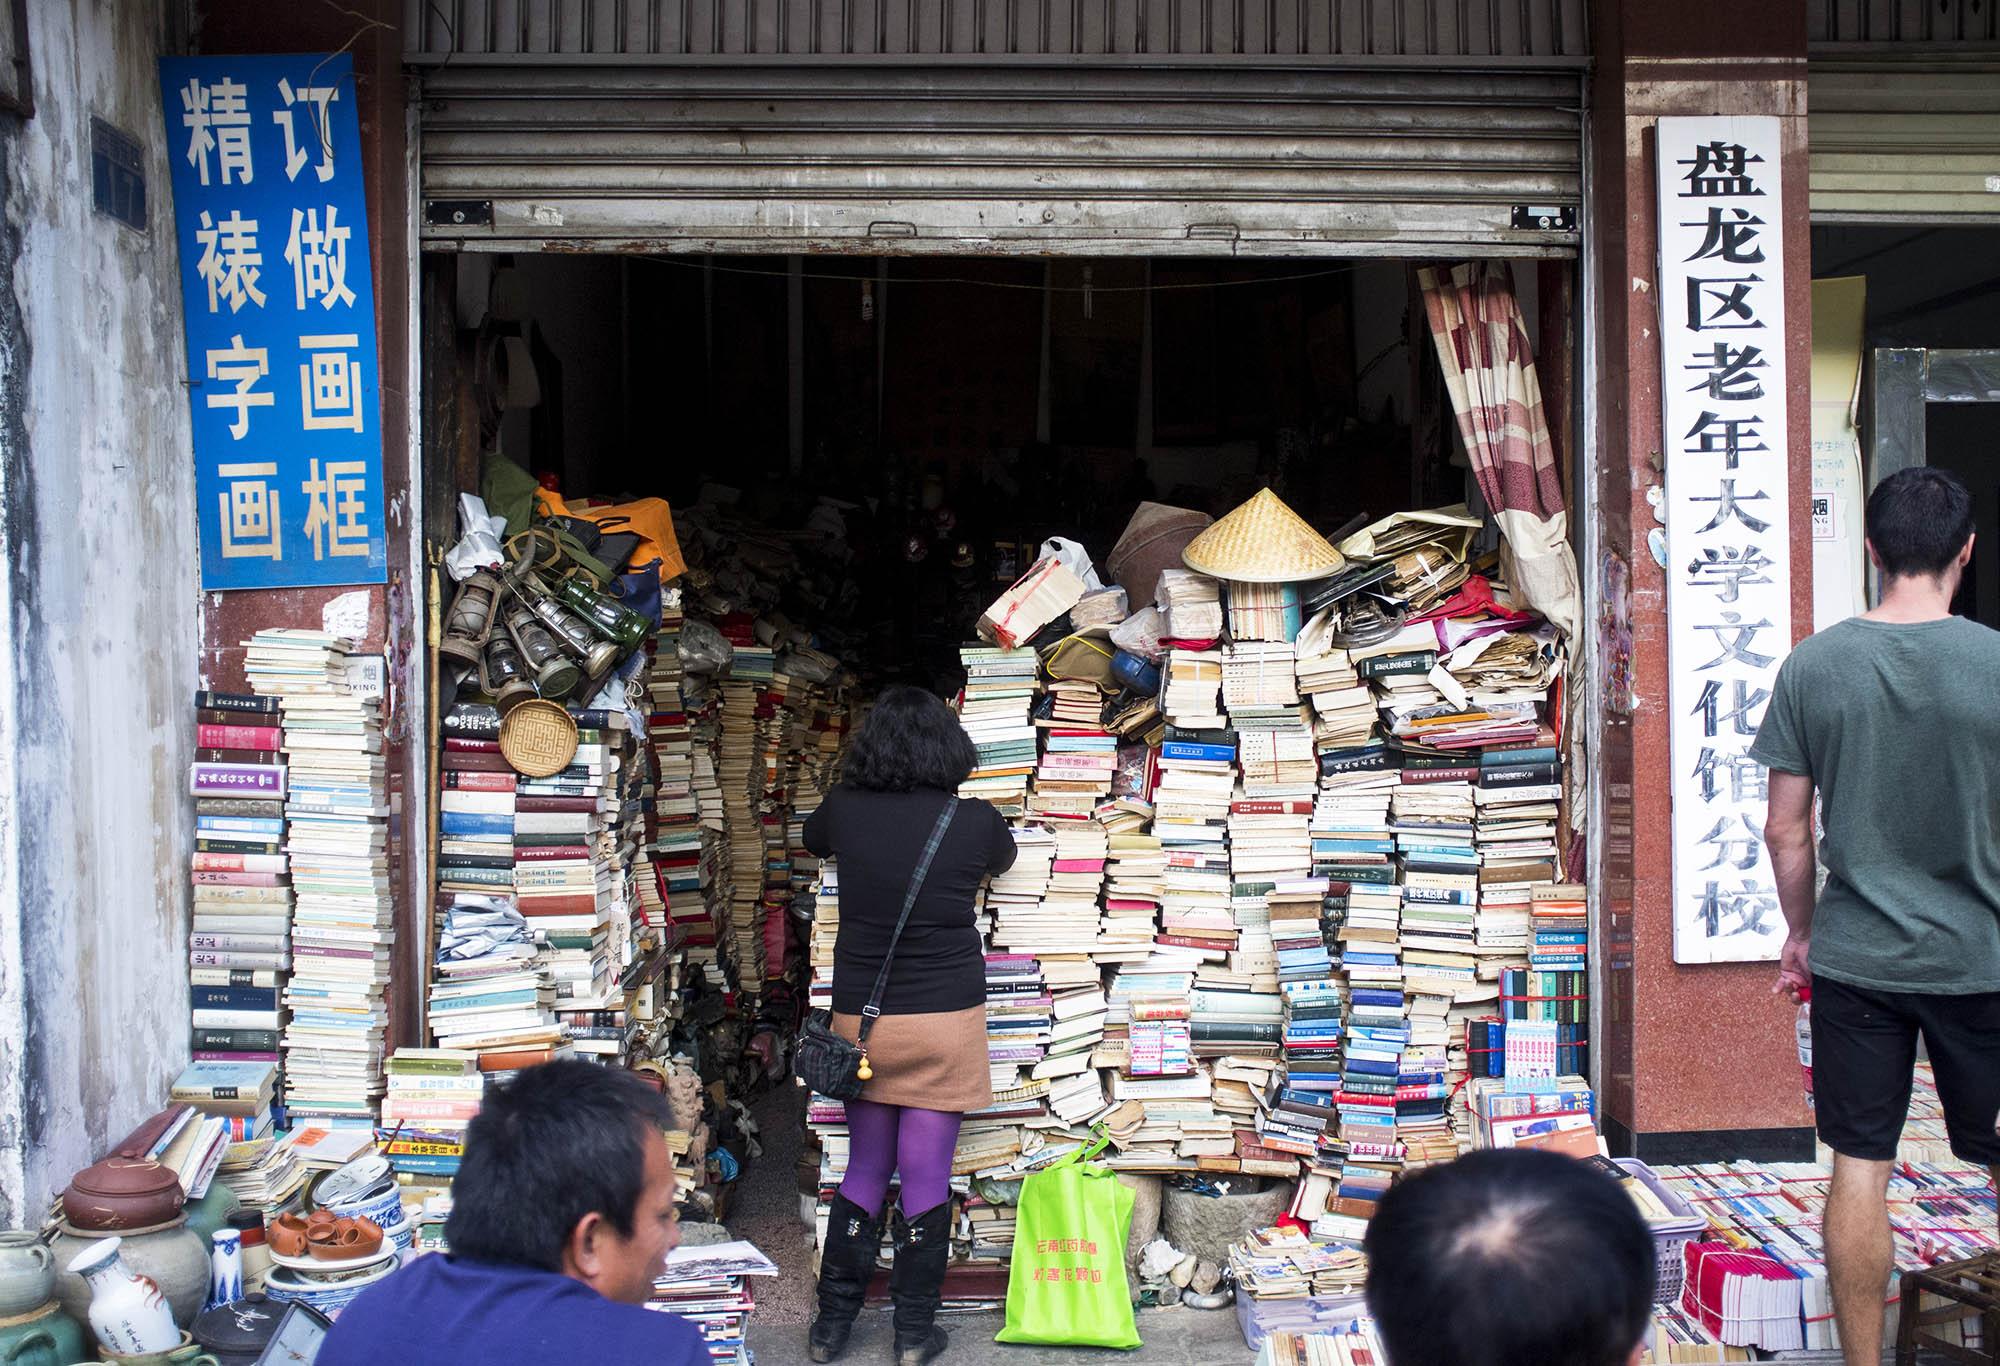 Garage old book sale.